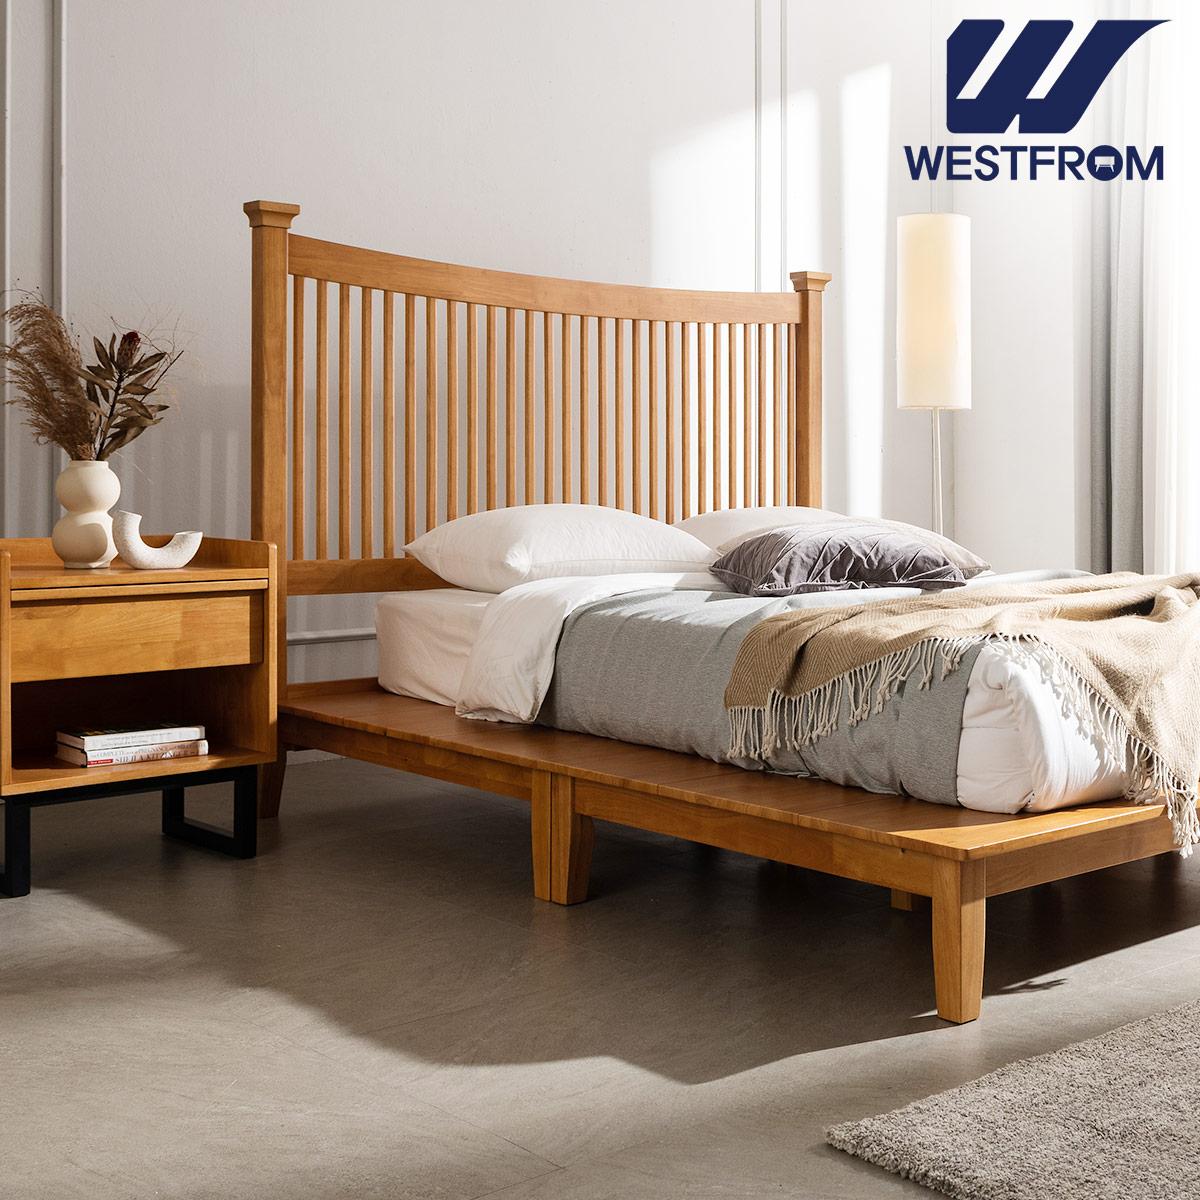 [웨스트프롬] 모던 마가렛) 고무나무원목 평상형 침대(Q,K공용) / 텐더 호수 SS매트리스 / 전국착불